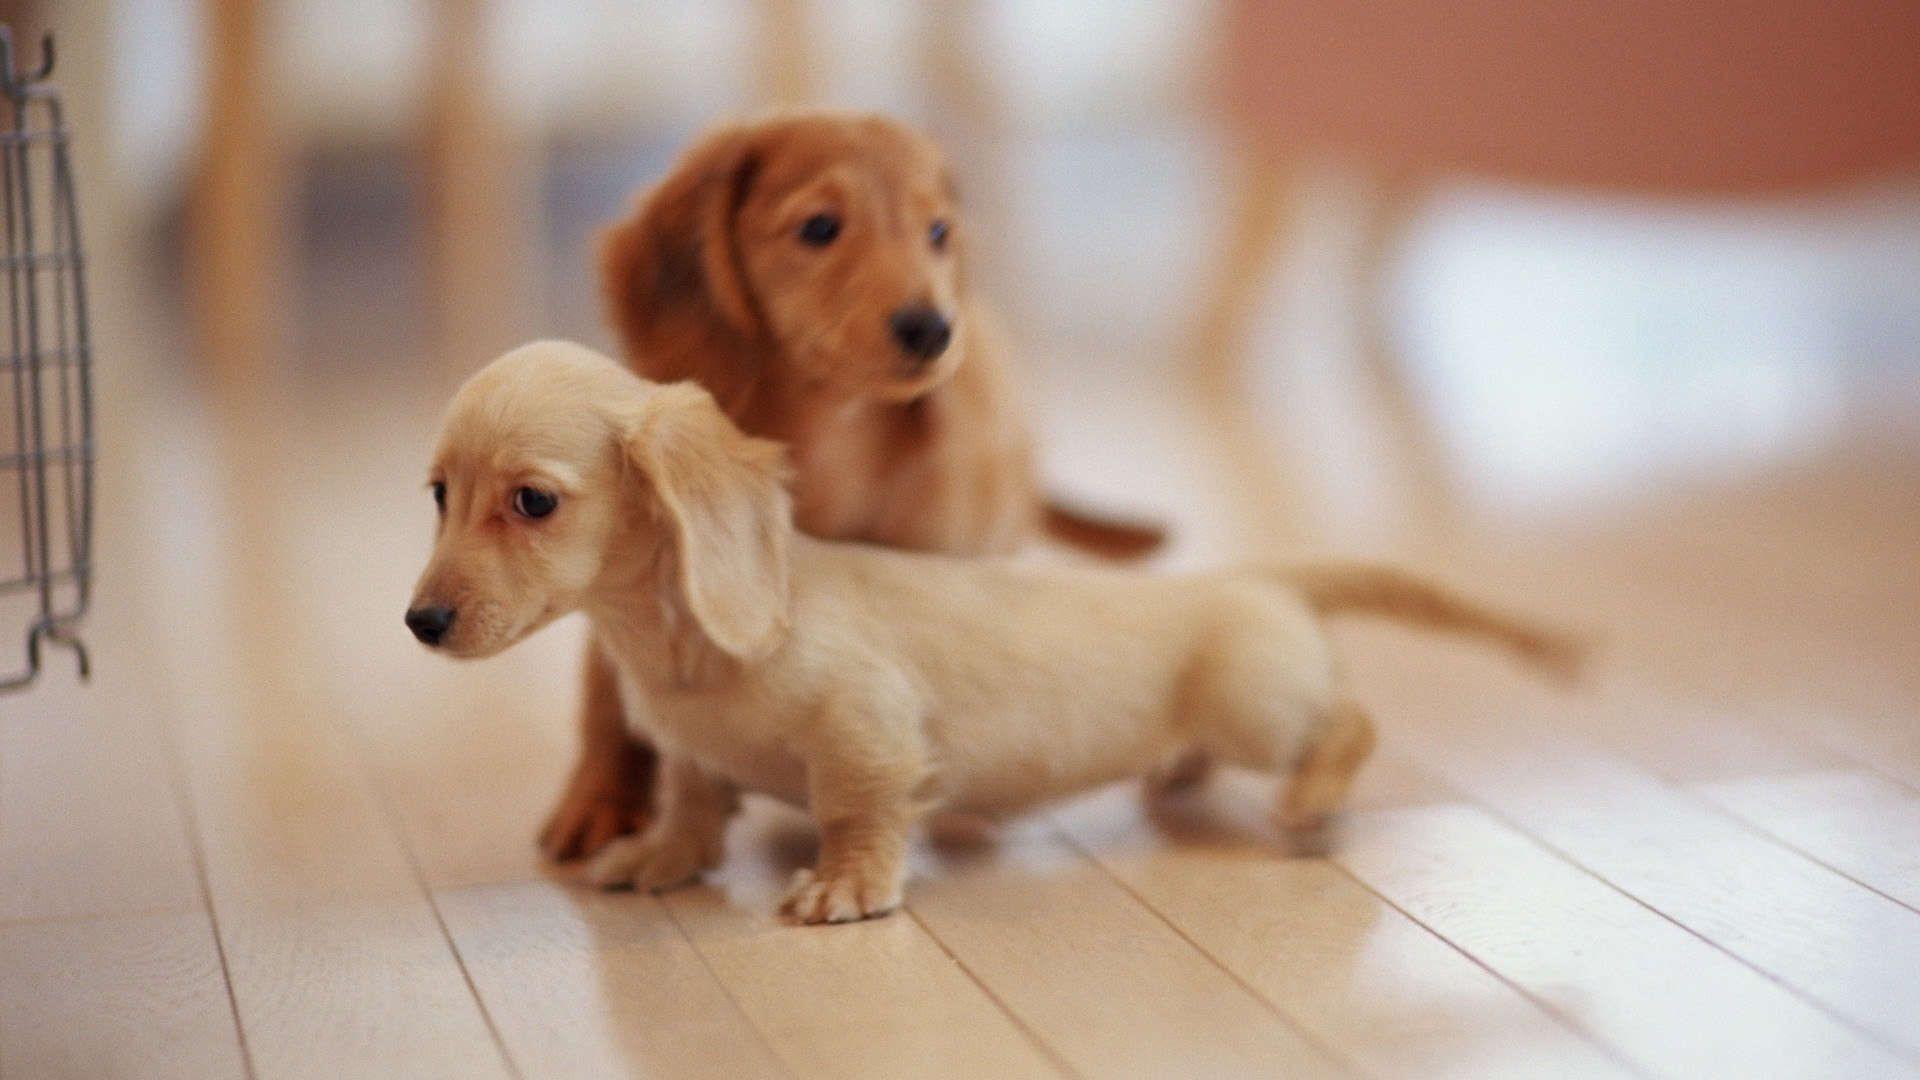 cute dachshund puppies wallpaper